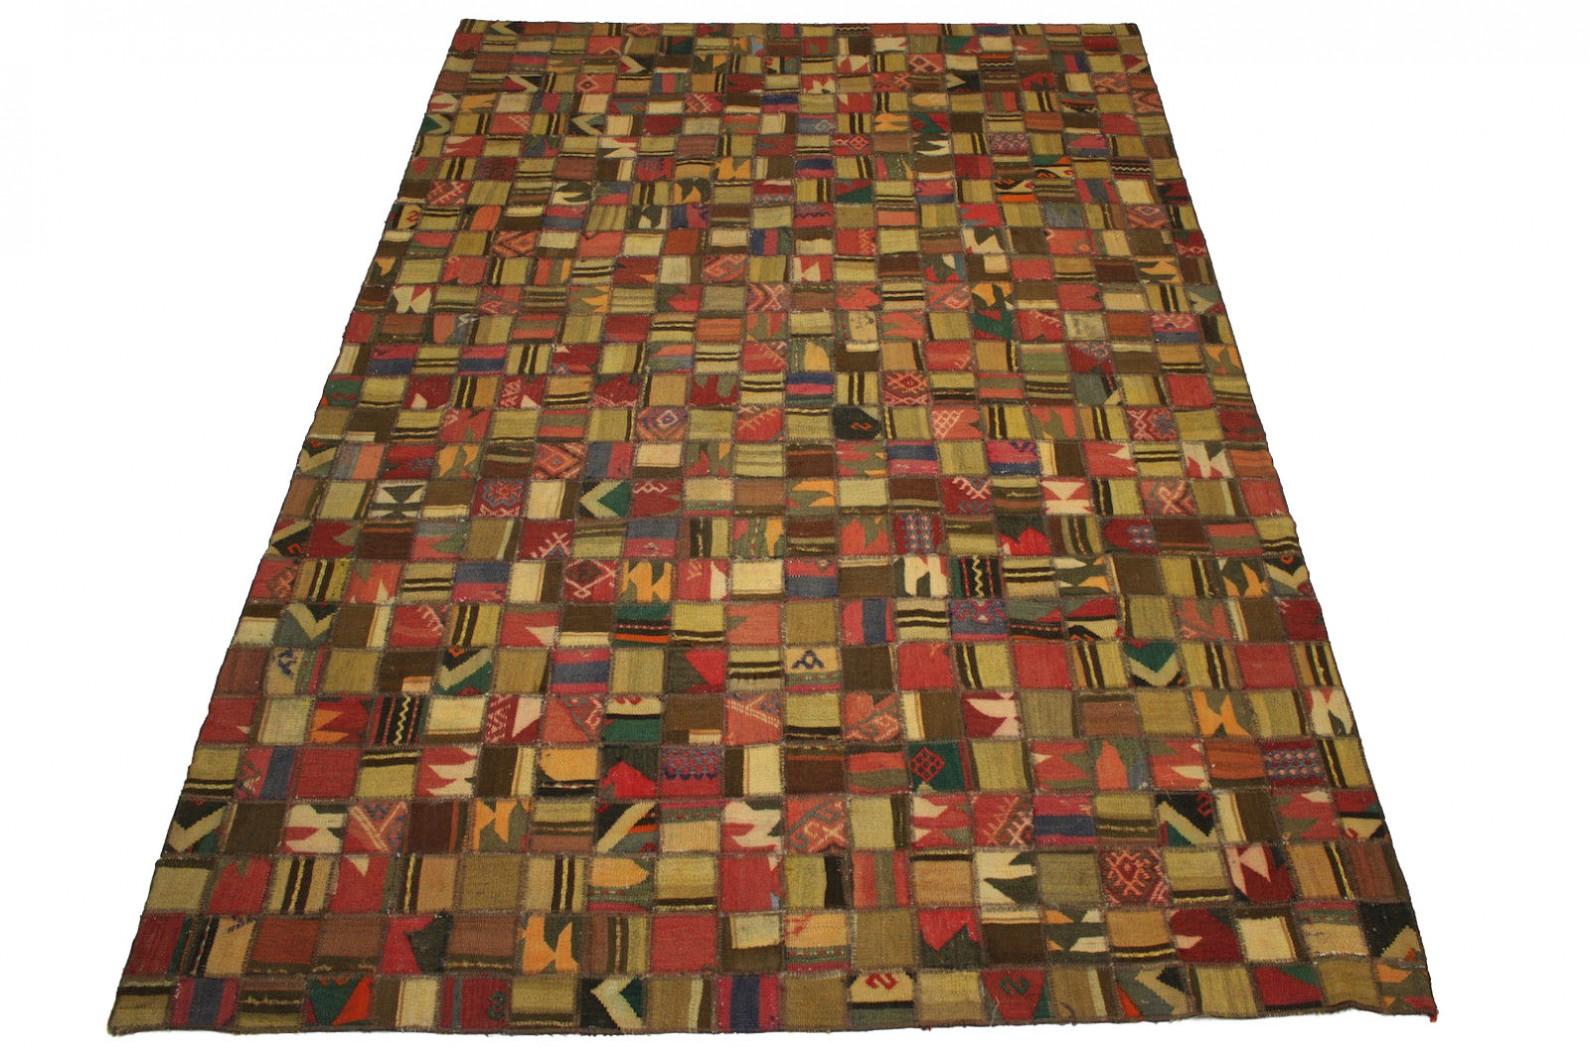 kelim patchwork teppich braun in 300x200cm 1001 2660 bei. Black Bedroom Furniture Sets. Home Design Ideas